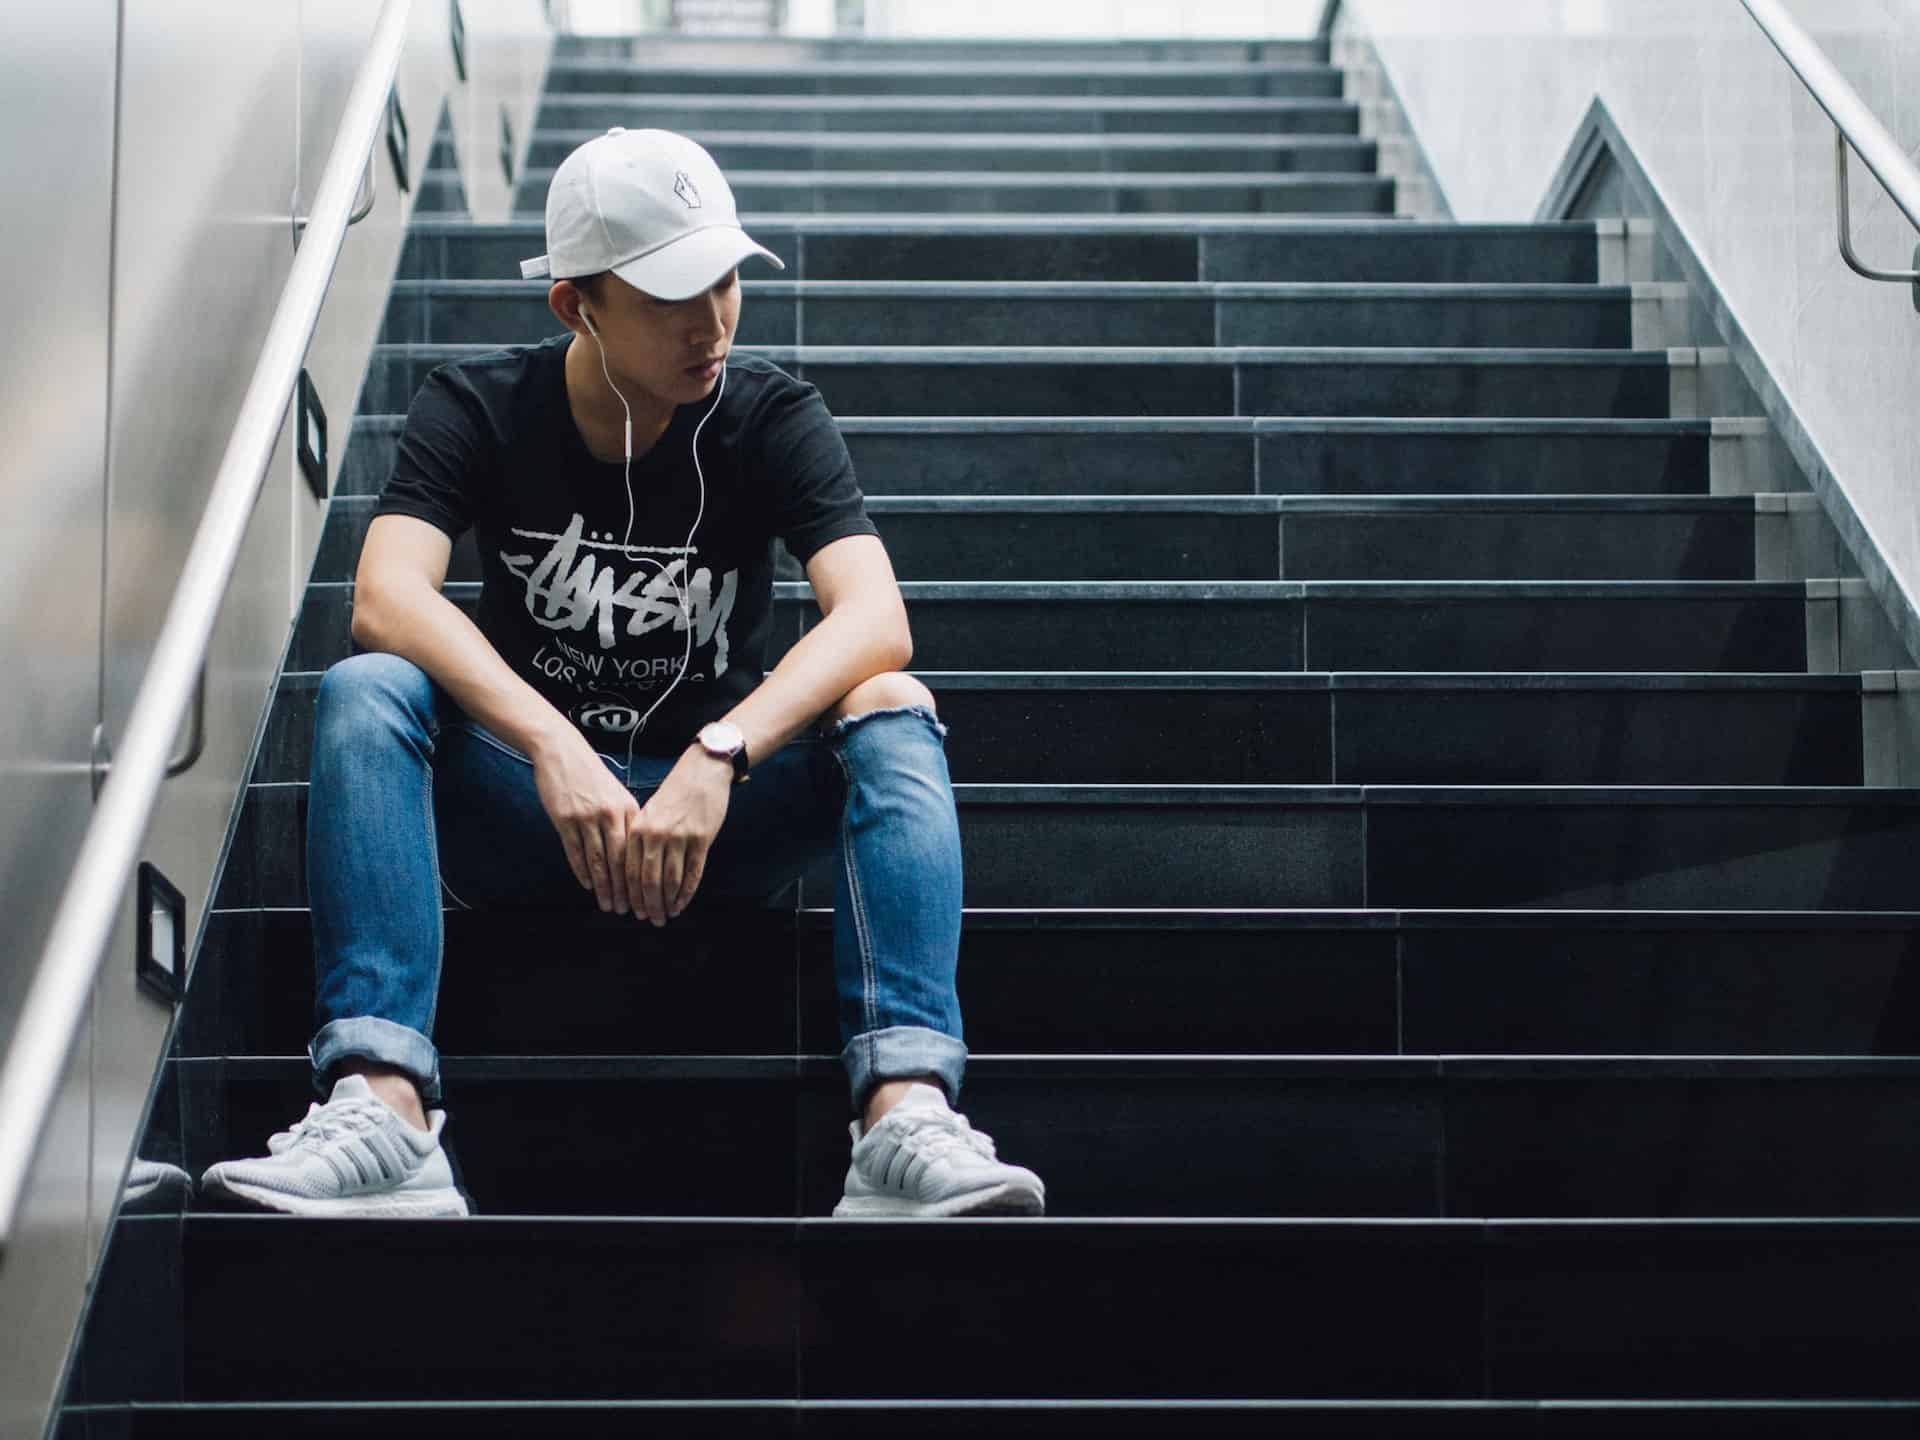 Es gibt bessere Musik für Jugendliche als Deutsch-Rap (c) Unsplash